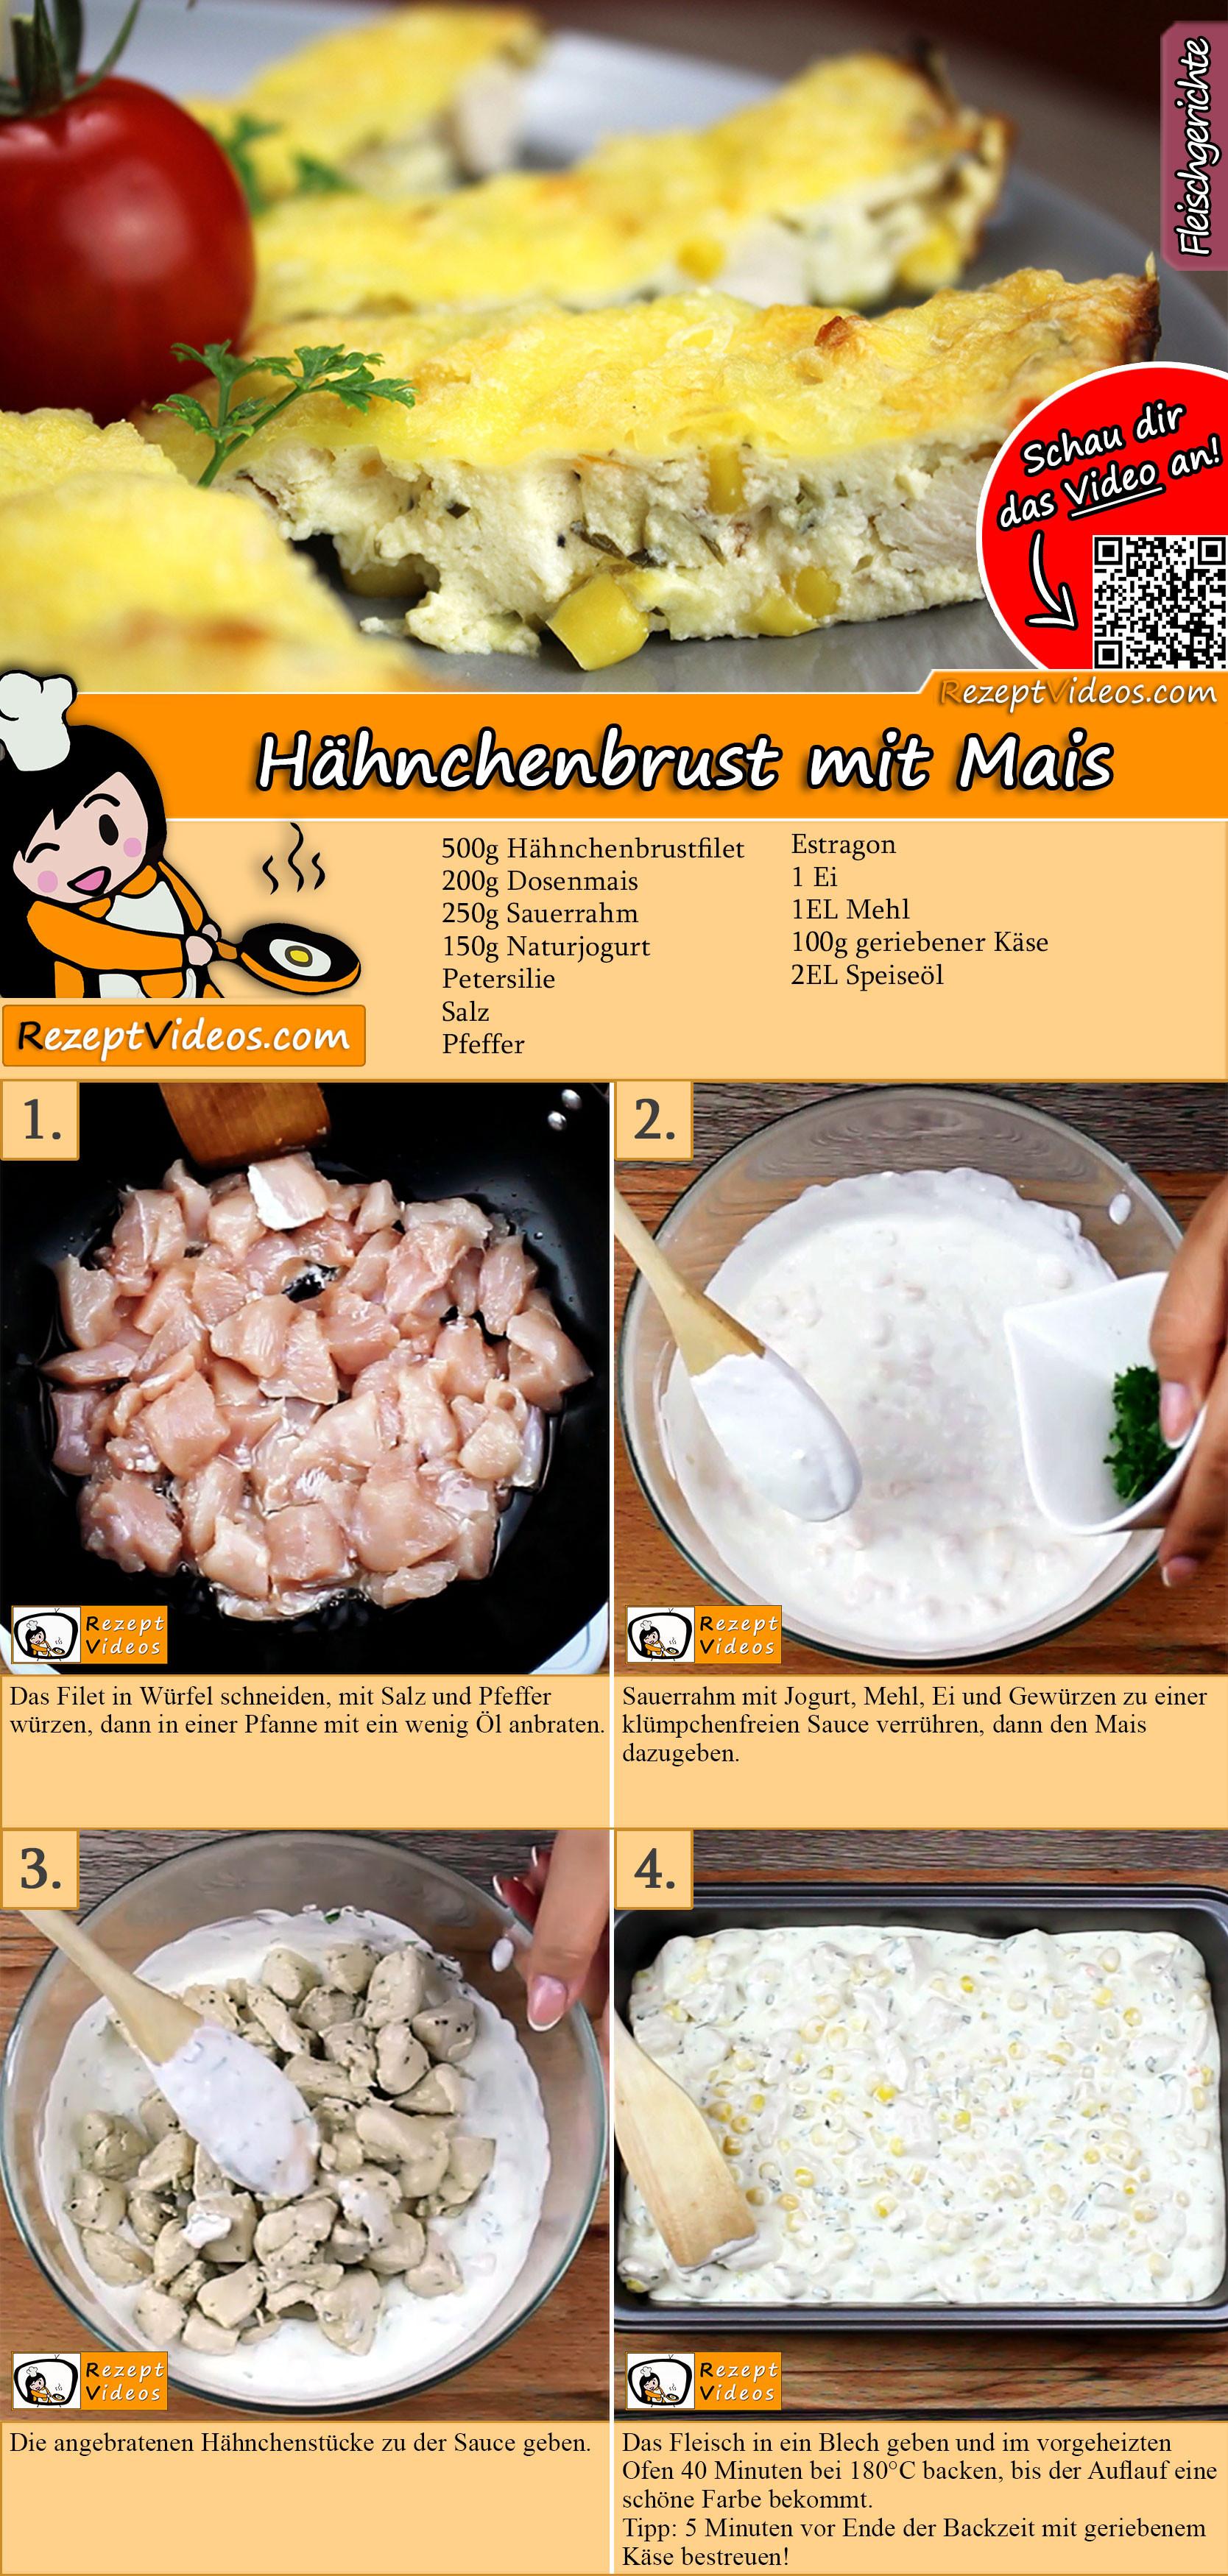 Hähnchenbrust mit Mais Rezept mit Video